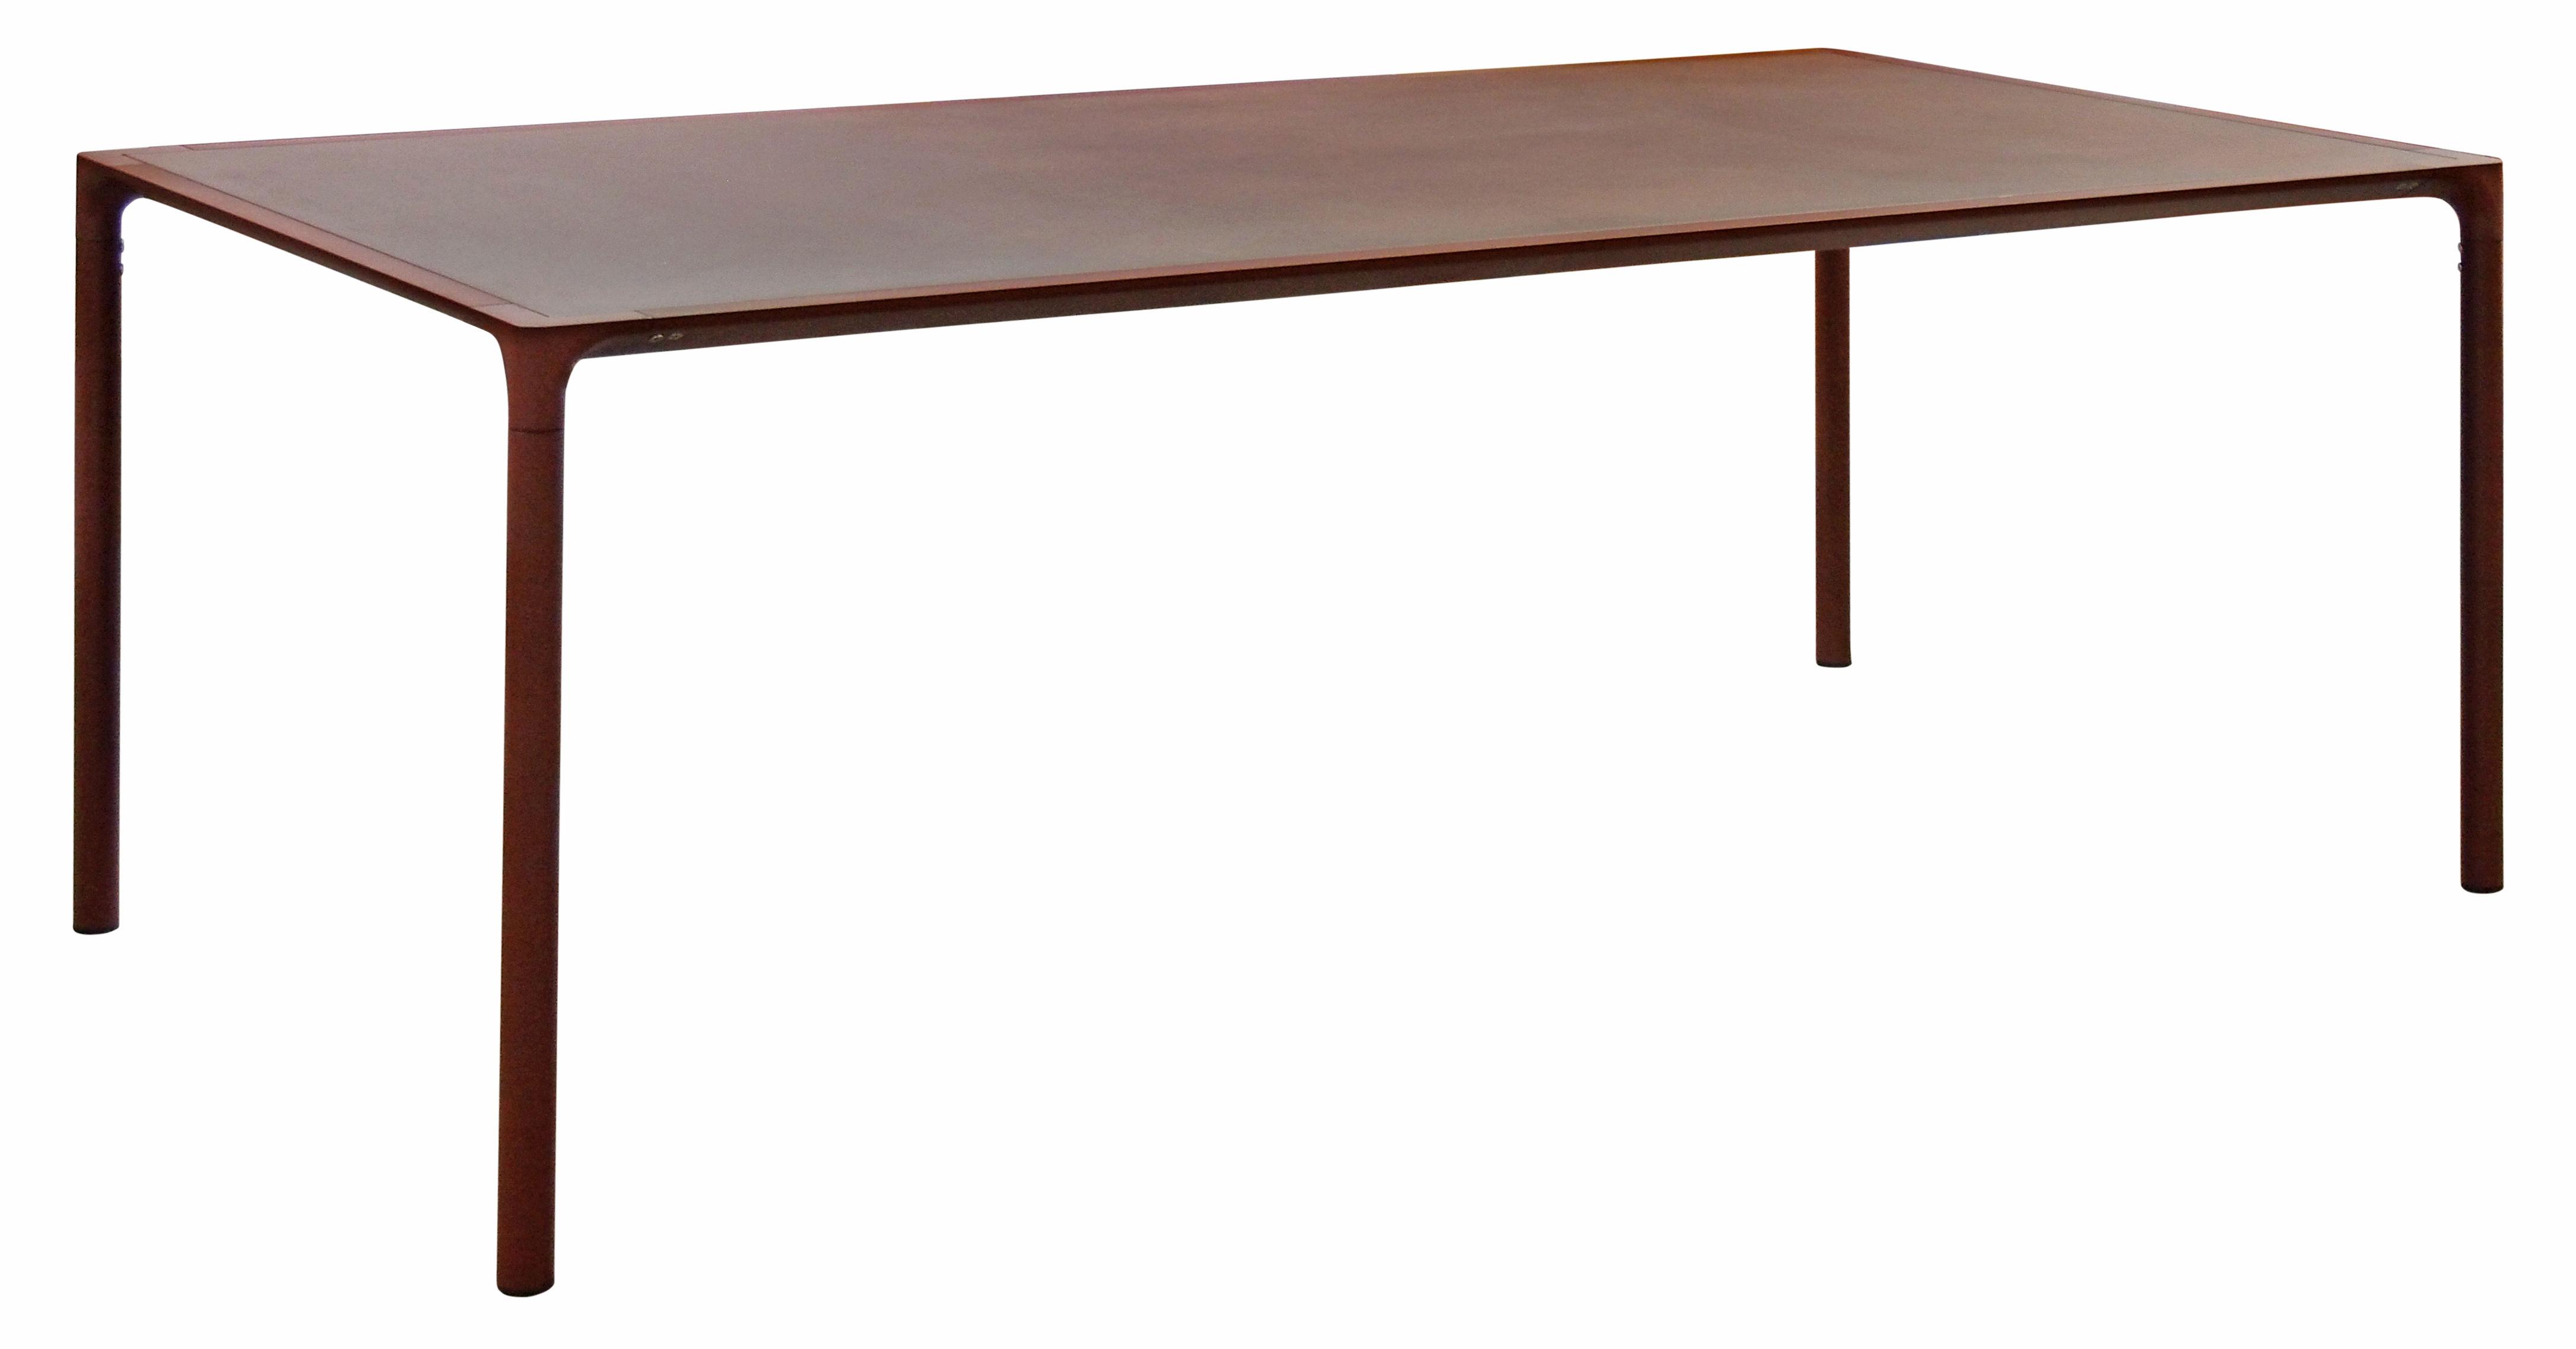 Table Terramare M Tal Effet Rouille 203 X 103 Cm Corten Effet  # Table De Jardin Qui Ne Rouille Pas